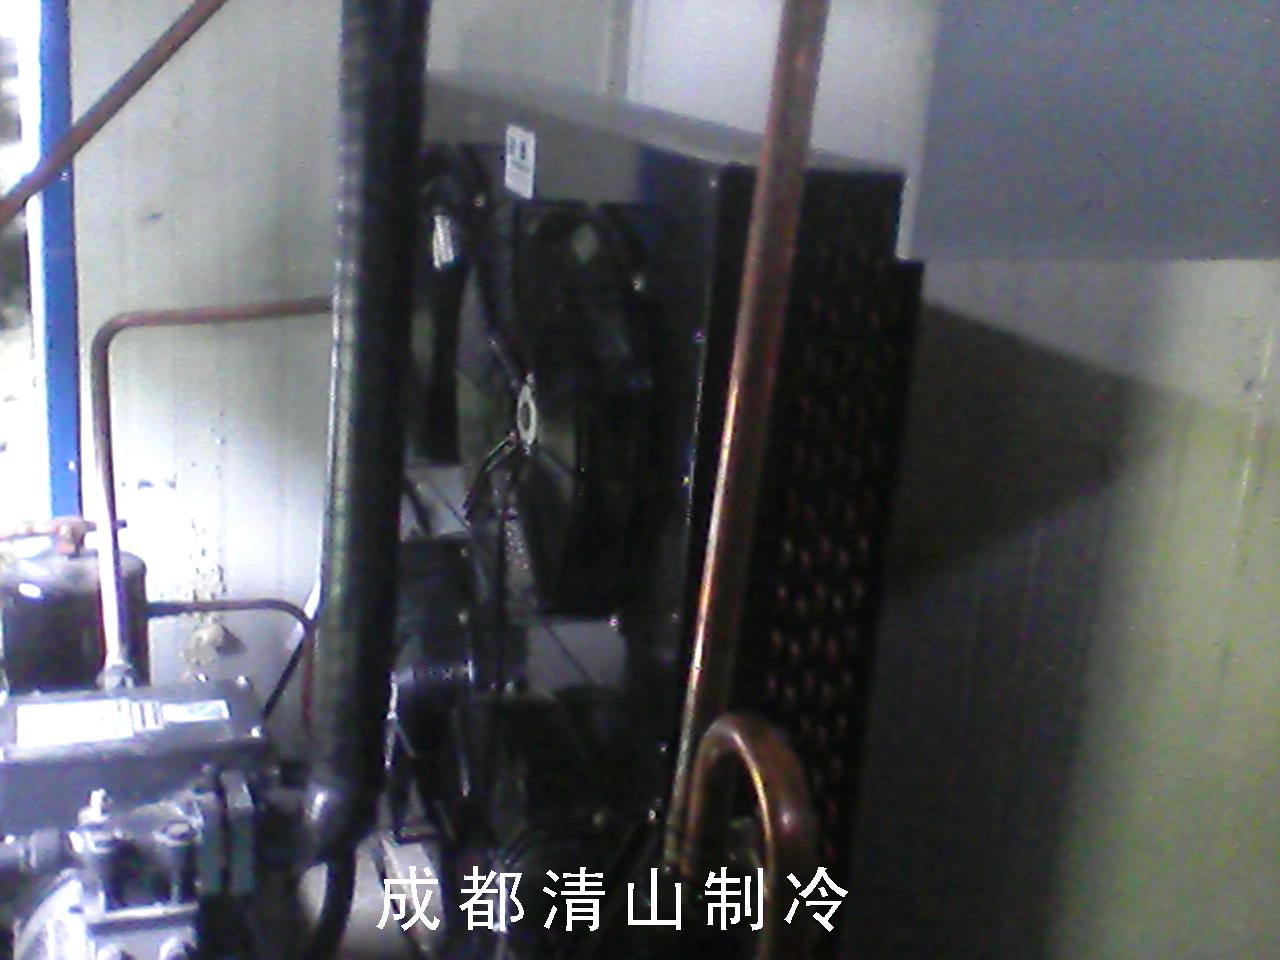 保鲜冷库采用无霜速冻制冷方式,配置名牌压缩机及制冷配件,采用自动化